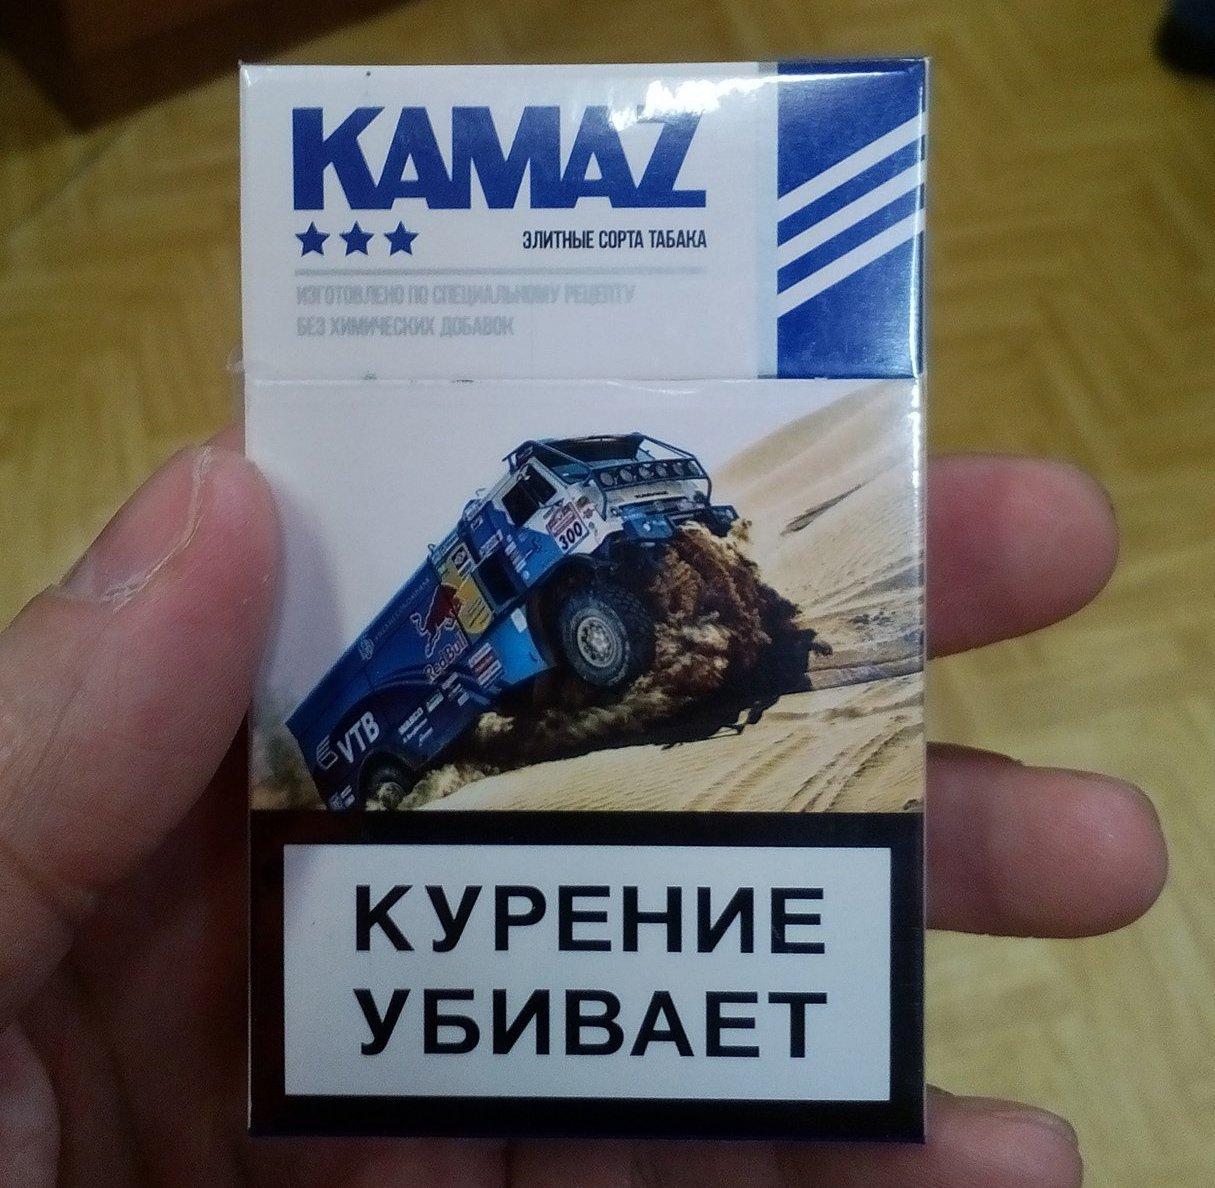 сигареты камаз купить в москве